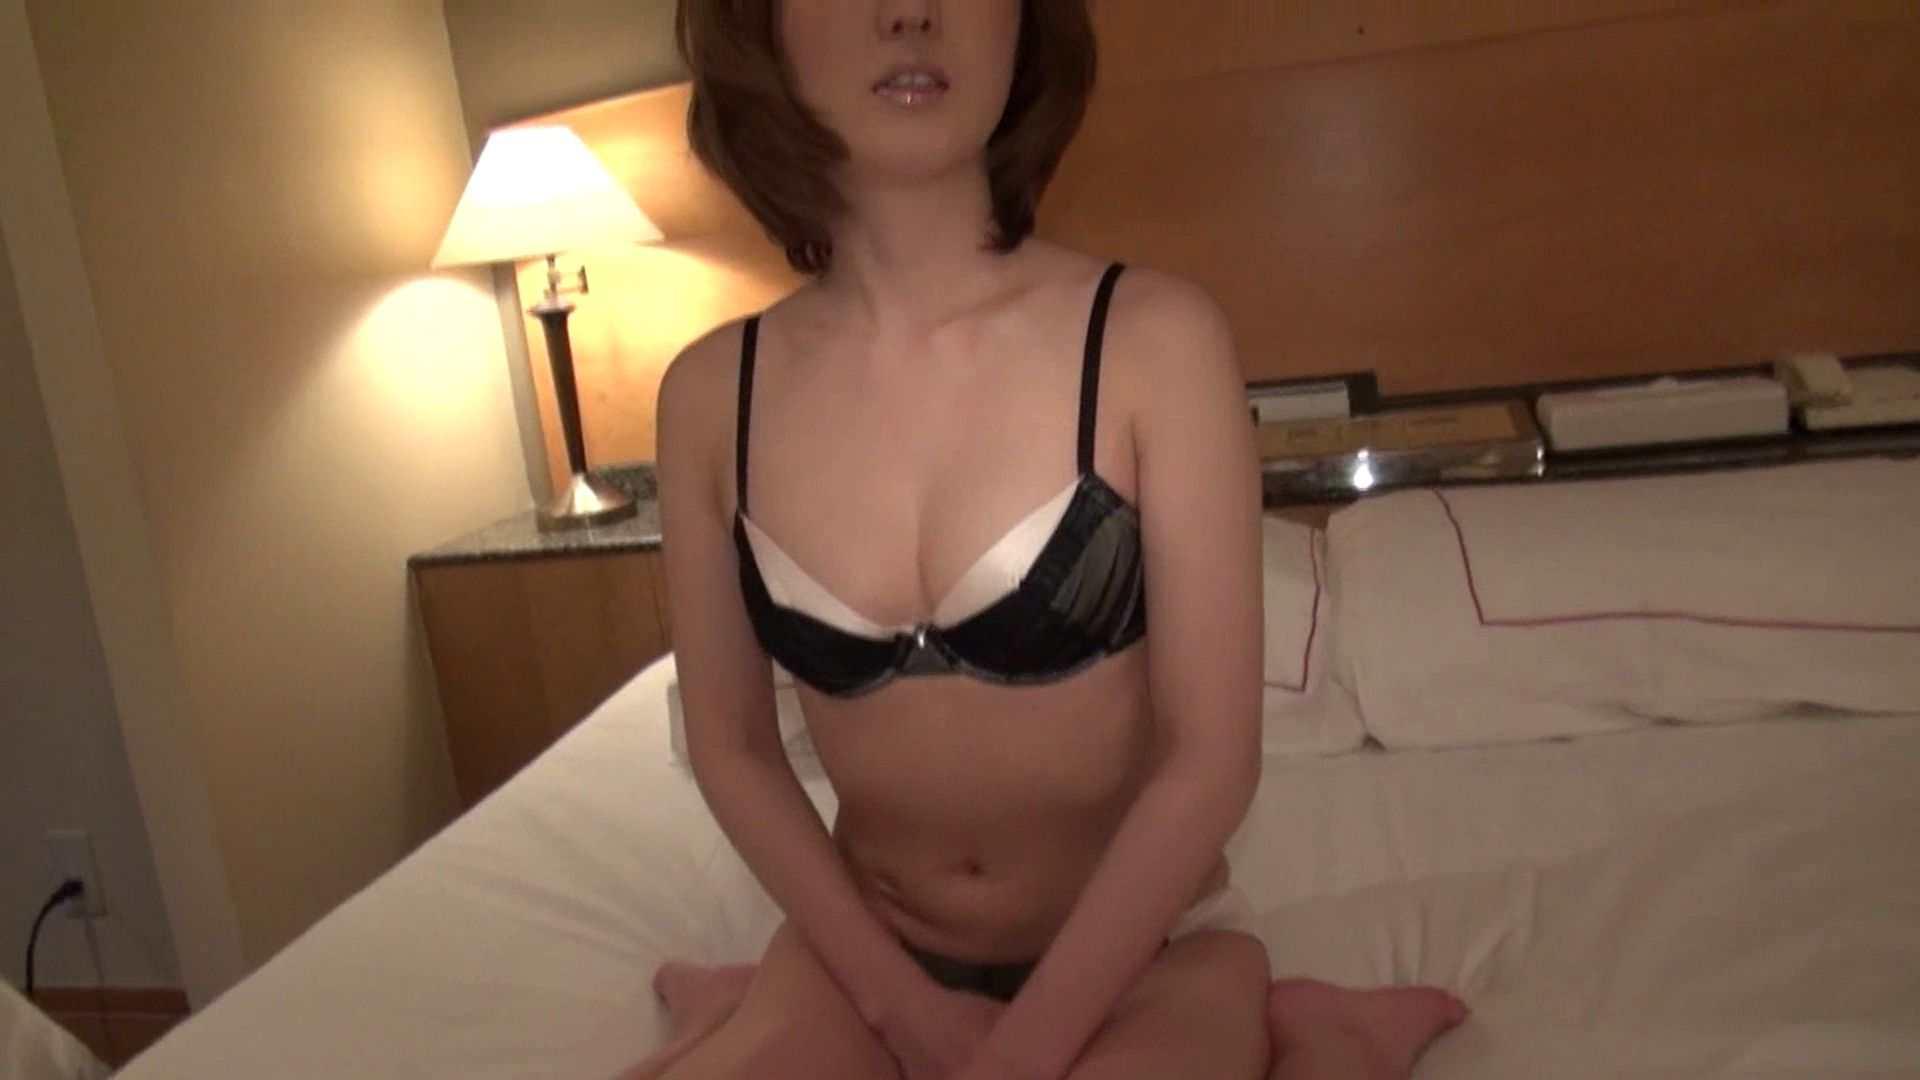 エロギャル!SEXパリピ! Vol.03 前編 現役ギャル アダルト動画キャプチャ 86pic 38